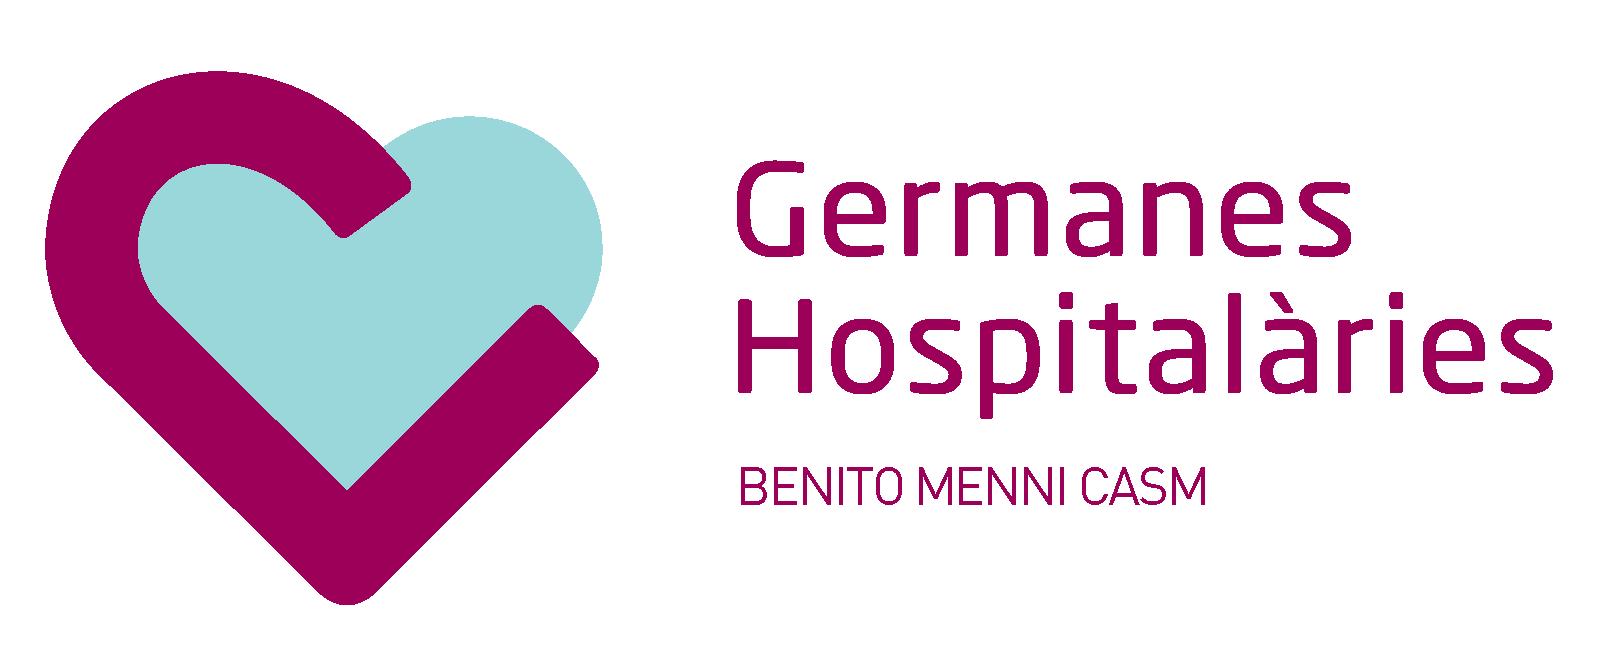 Benito Menni Complex Assistencial en Salut Mental. Germanes Hospitalàries del Sagrat Cor de Jesús